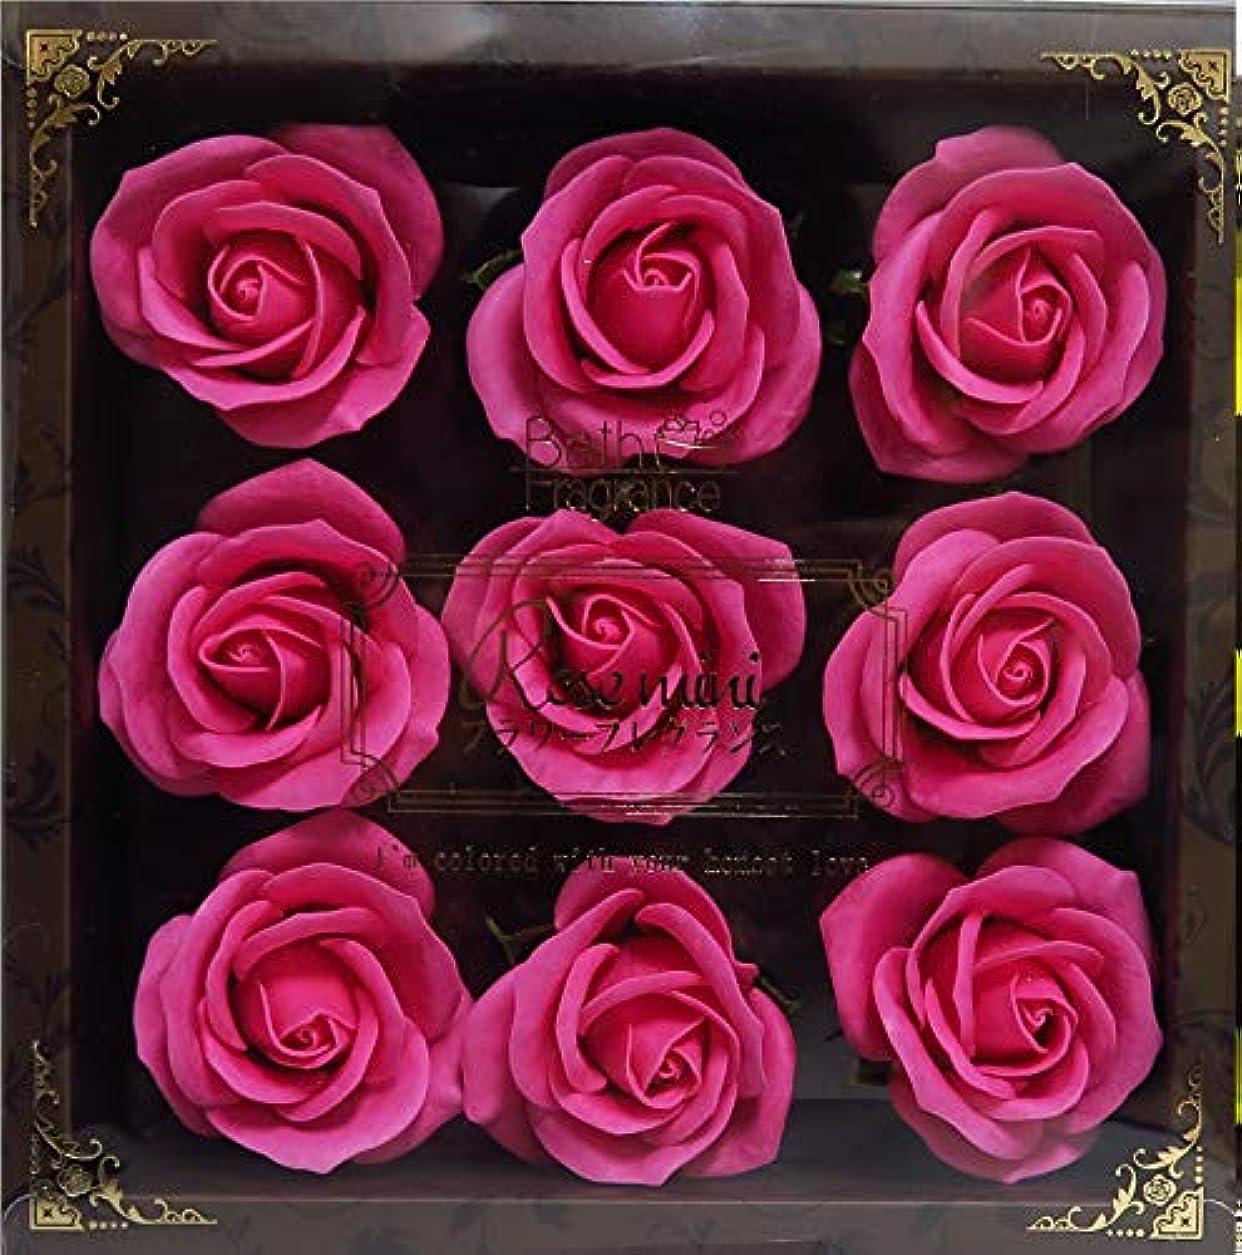 チャネル期限化学薬品バスフレグランス バスフラワー ミニローズフレグランス(L)ローズピンク お花の形の入浴剤